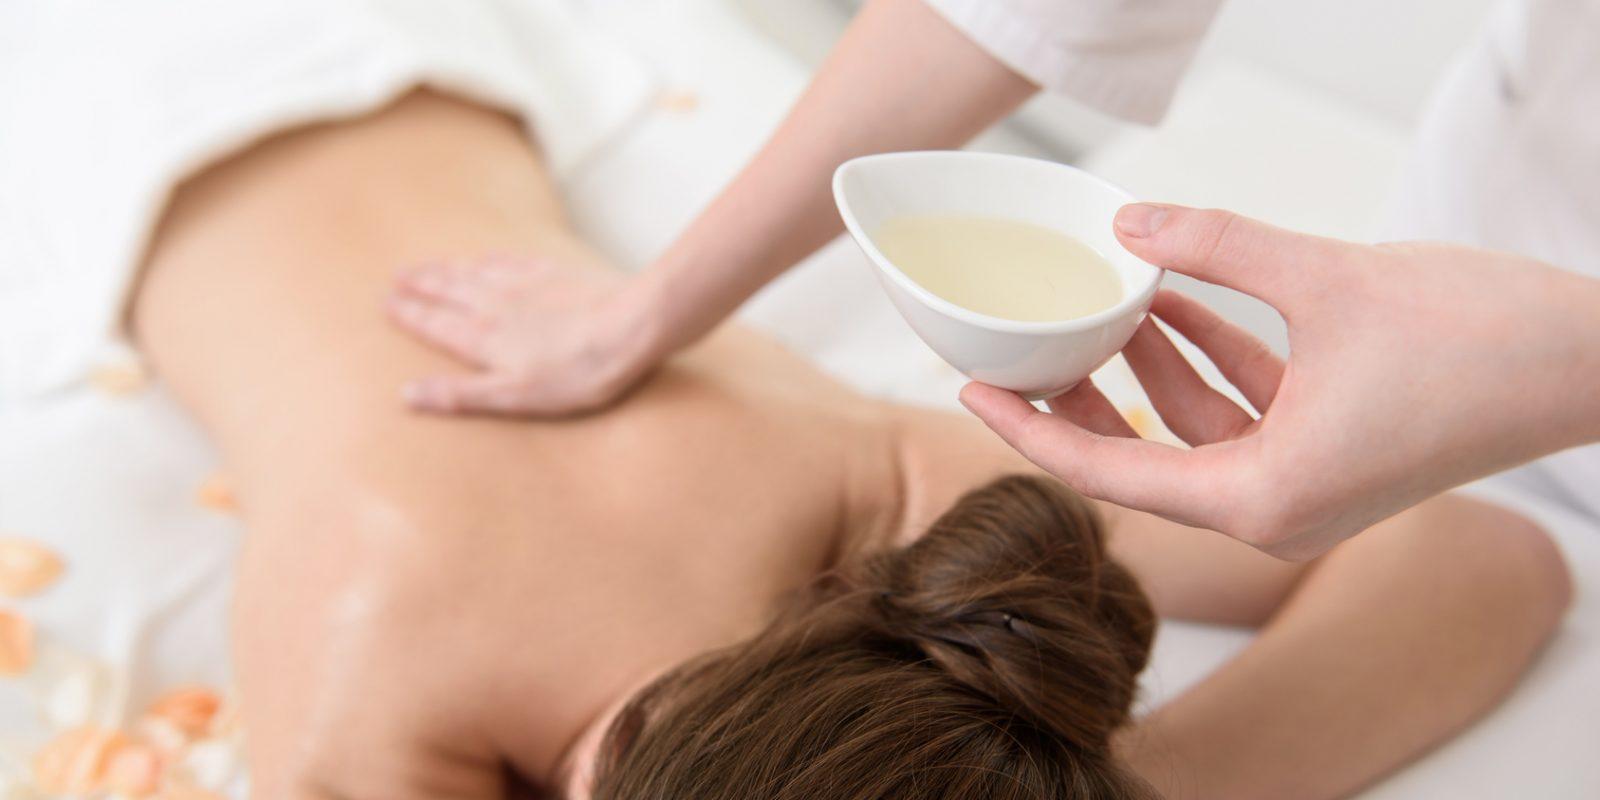 Die Massage bringt Körper, Geist und Seele in Einklang - Abschalten und wohlfühlen in Bad Zurzach der Energietreffpunkt bei Rosmarie Bochsler